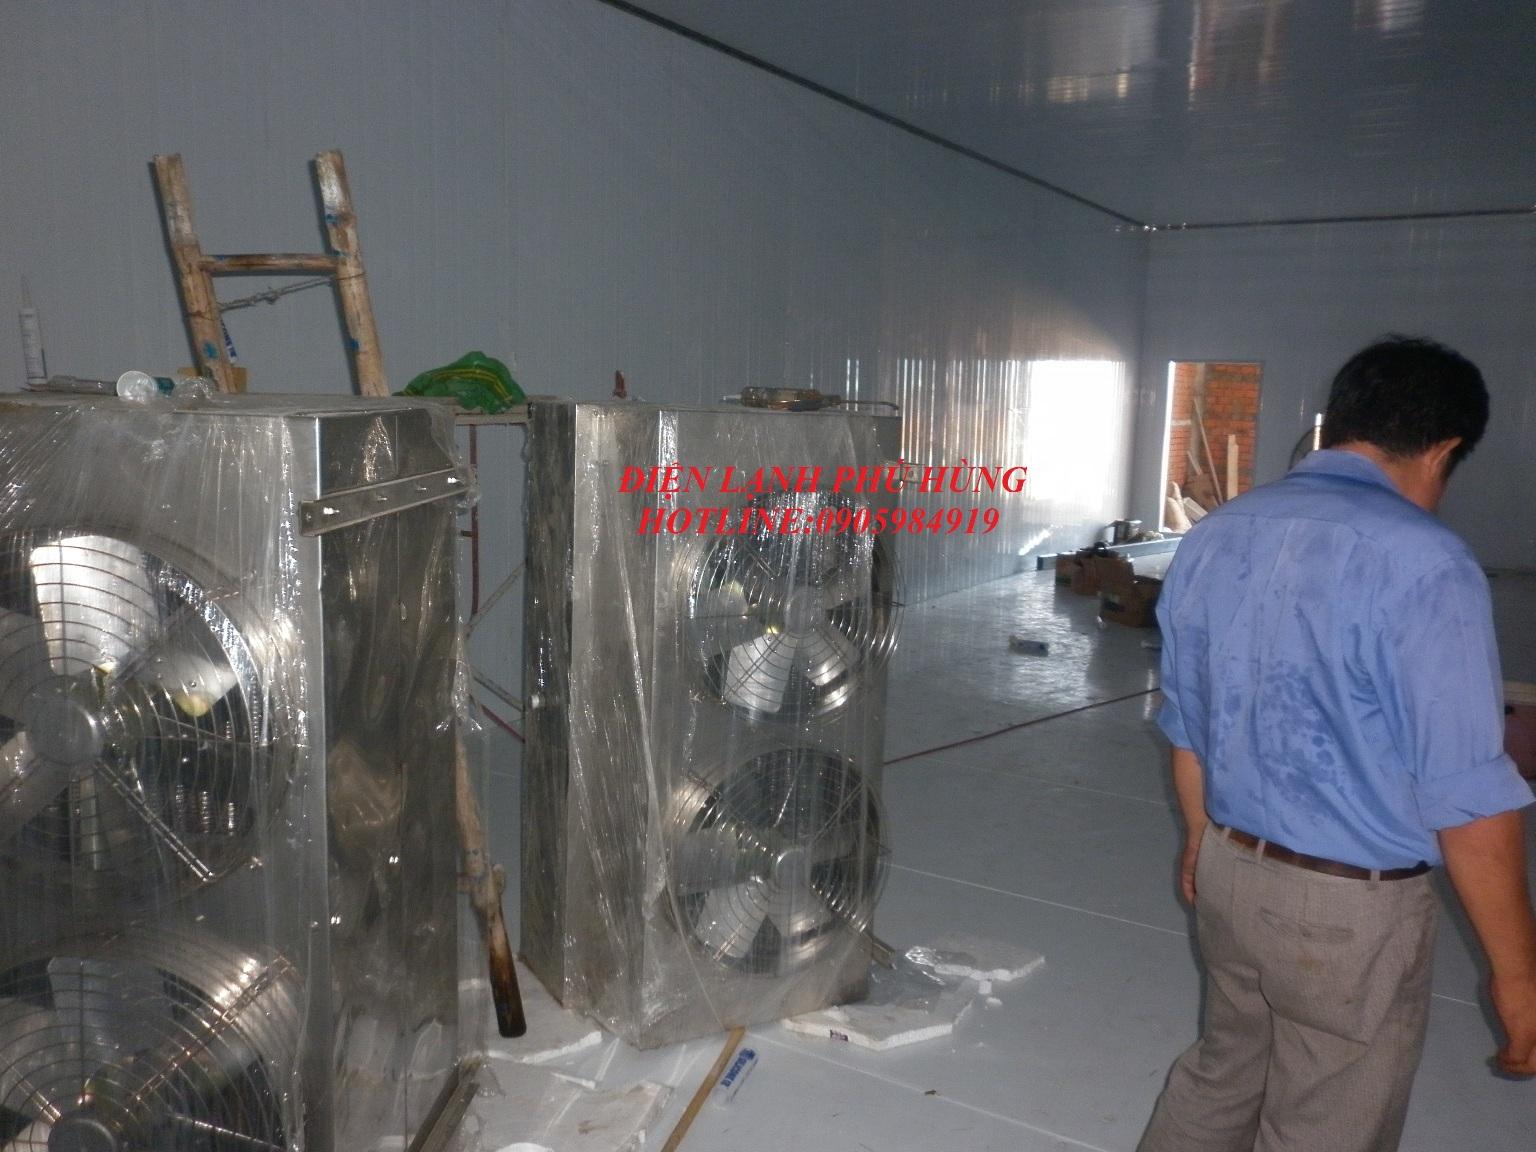 hs Dàn lạnh công nghiệp Đà Nẵng ap20